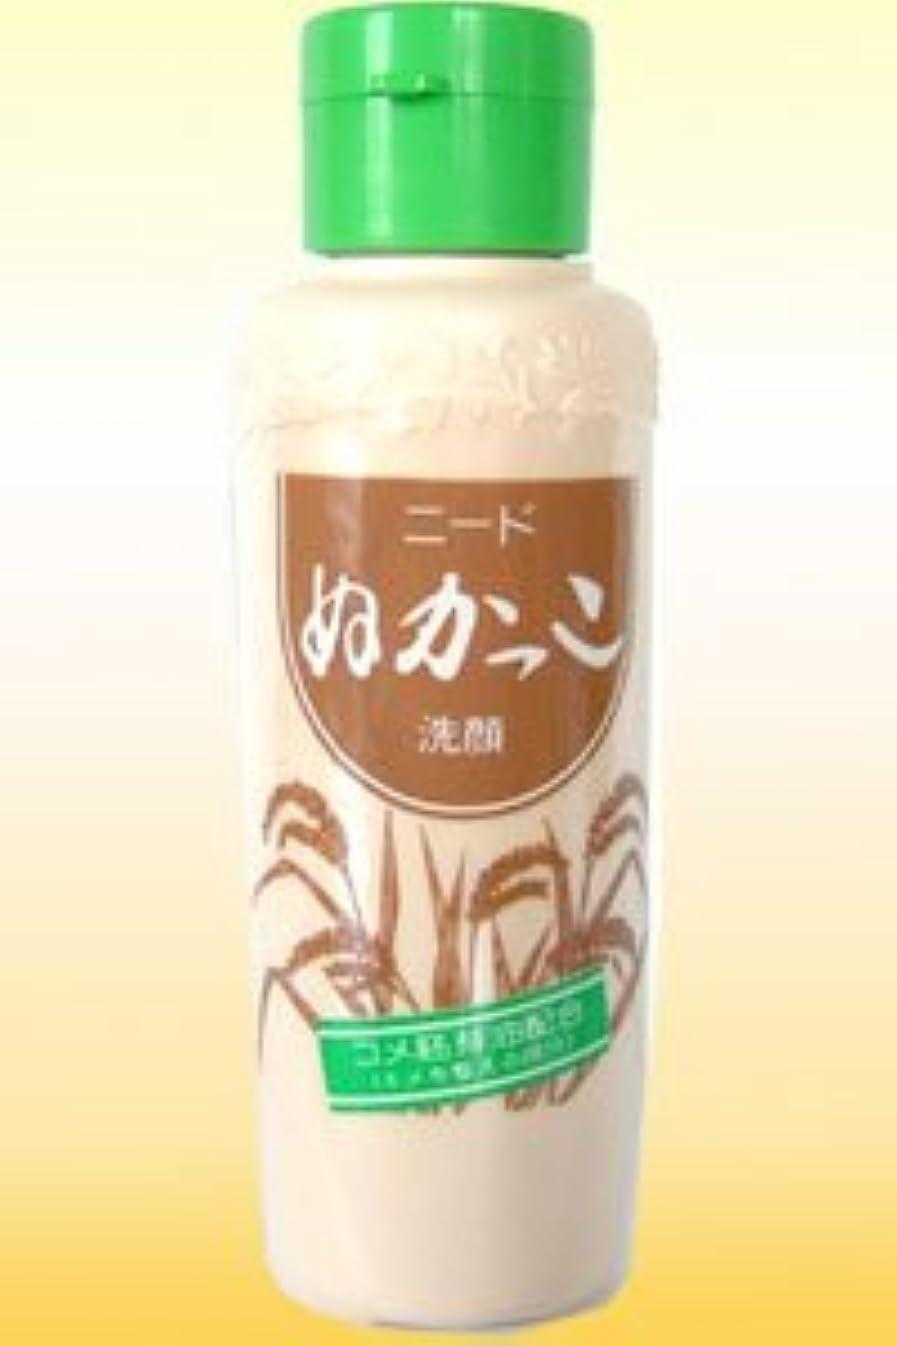 銀河接続された乳製品1985年発売以来のロングセラー商品【ニード ぬかっこ洗顔】(80g)